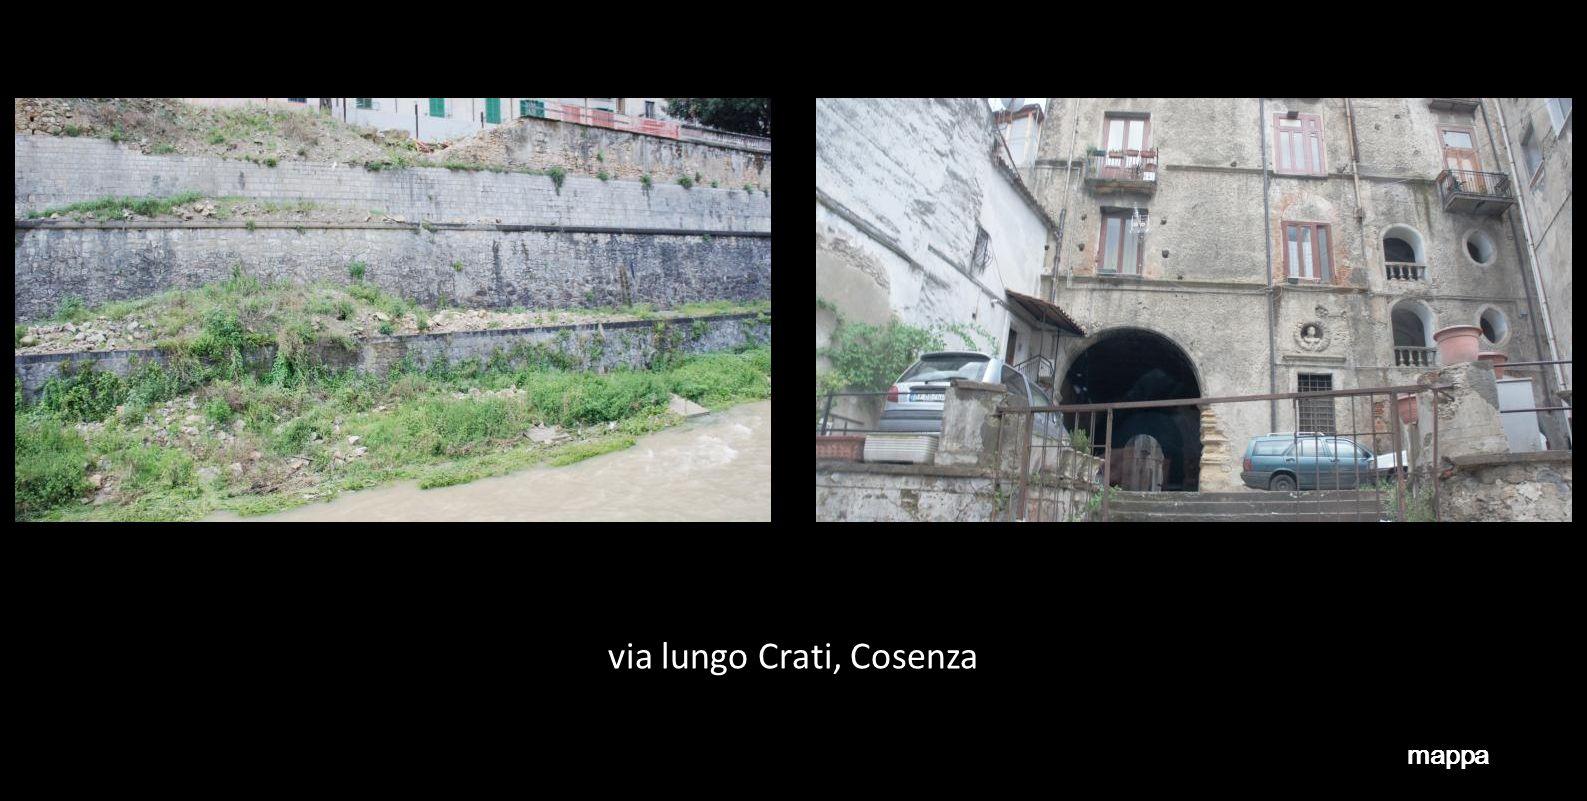 via lungo Crati, Cosenza mappa